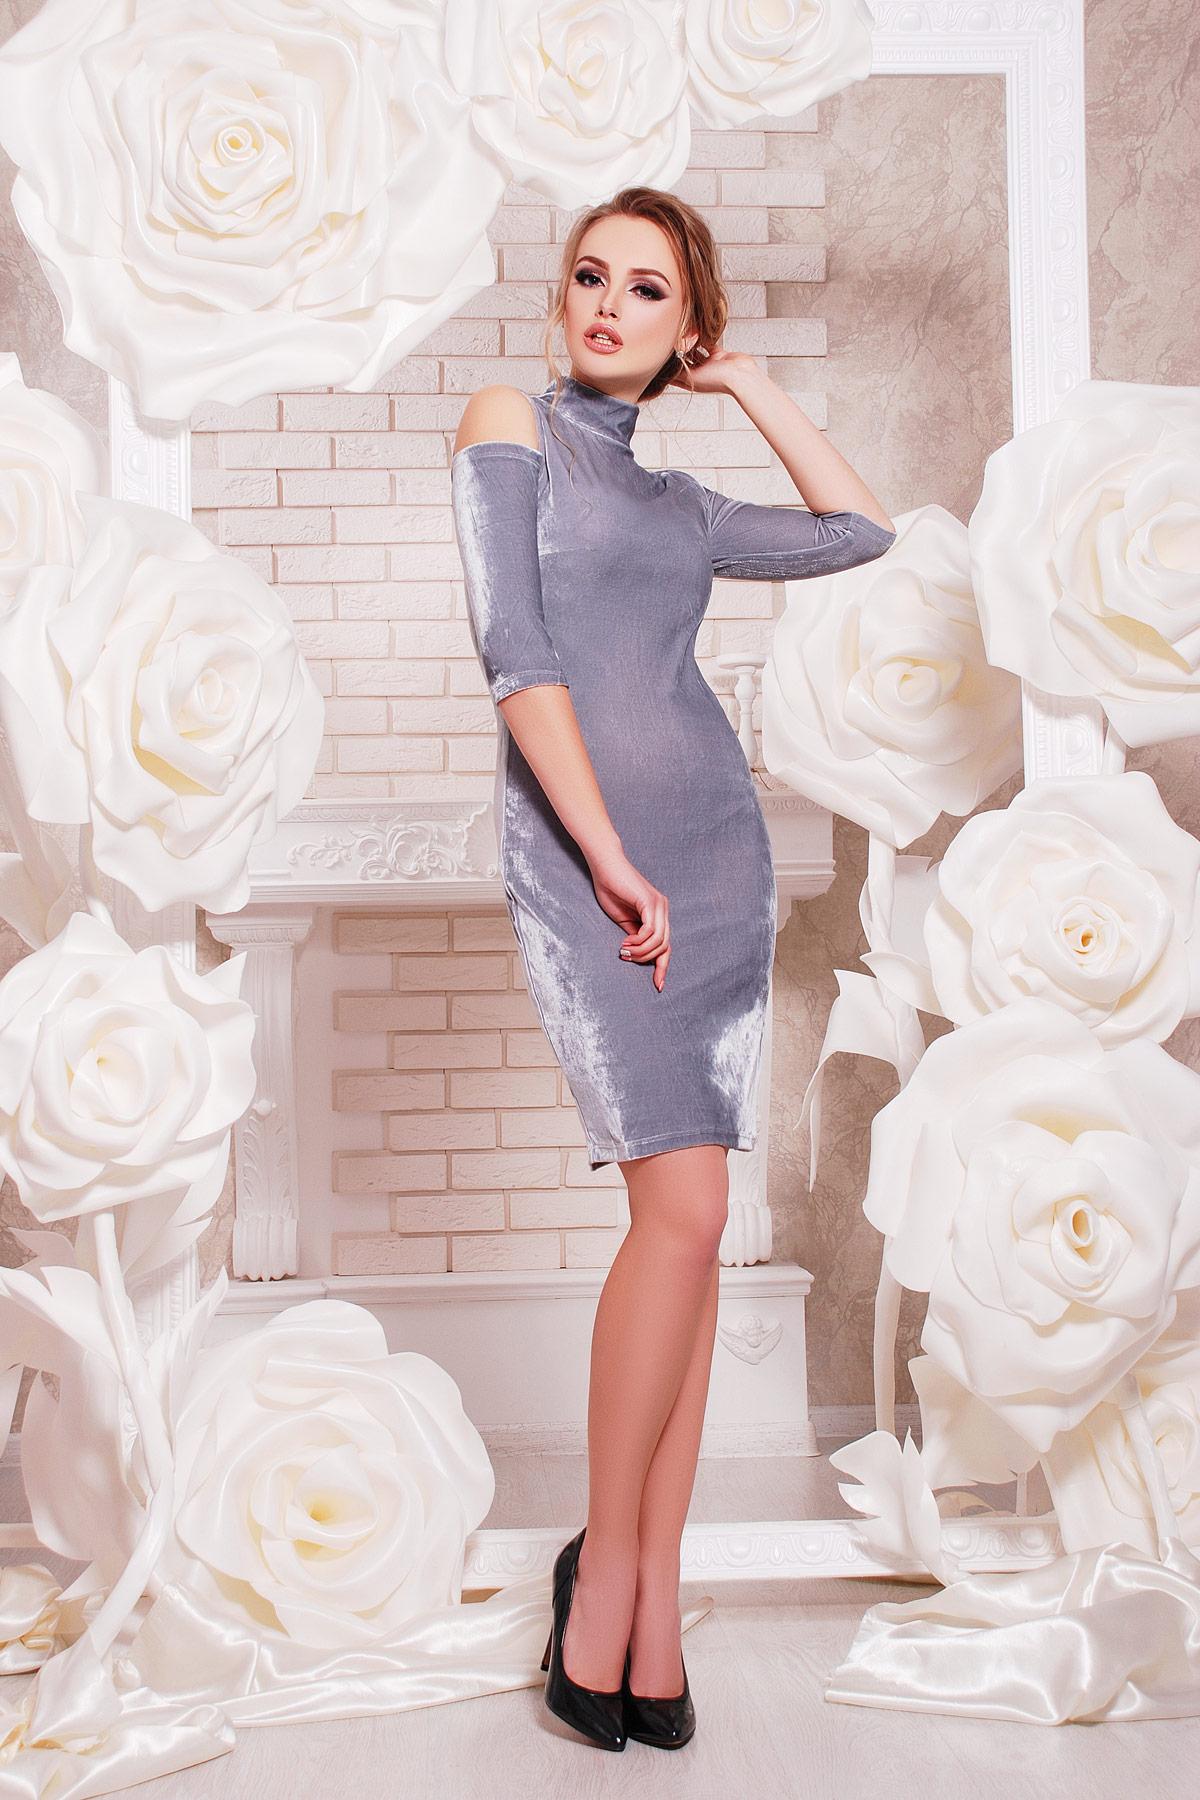 abdd653ad4e серебристое платье с вырезами на плечах. платье Вилия к р. Цвет  серебряный